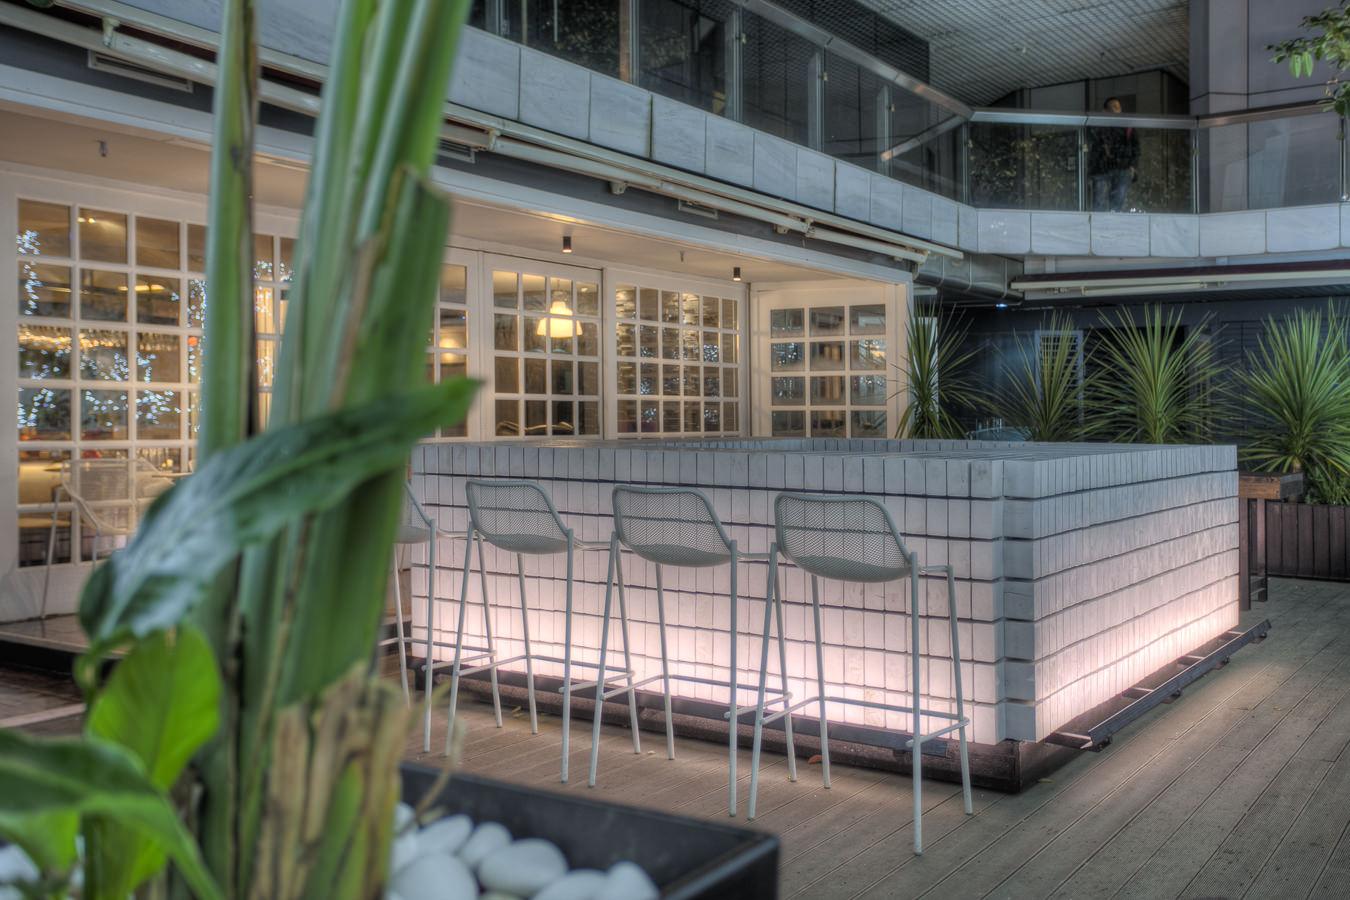 BOUBOU'S, Γιώργος Φάκαρος - Αρχιτεκτονική Φωτογραφία | Εσωτερικοί Χώροι | Φωτογραφία Ξενοδοχειών - Photography / Φωτογραφία